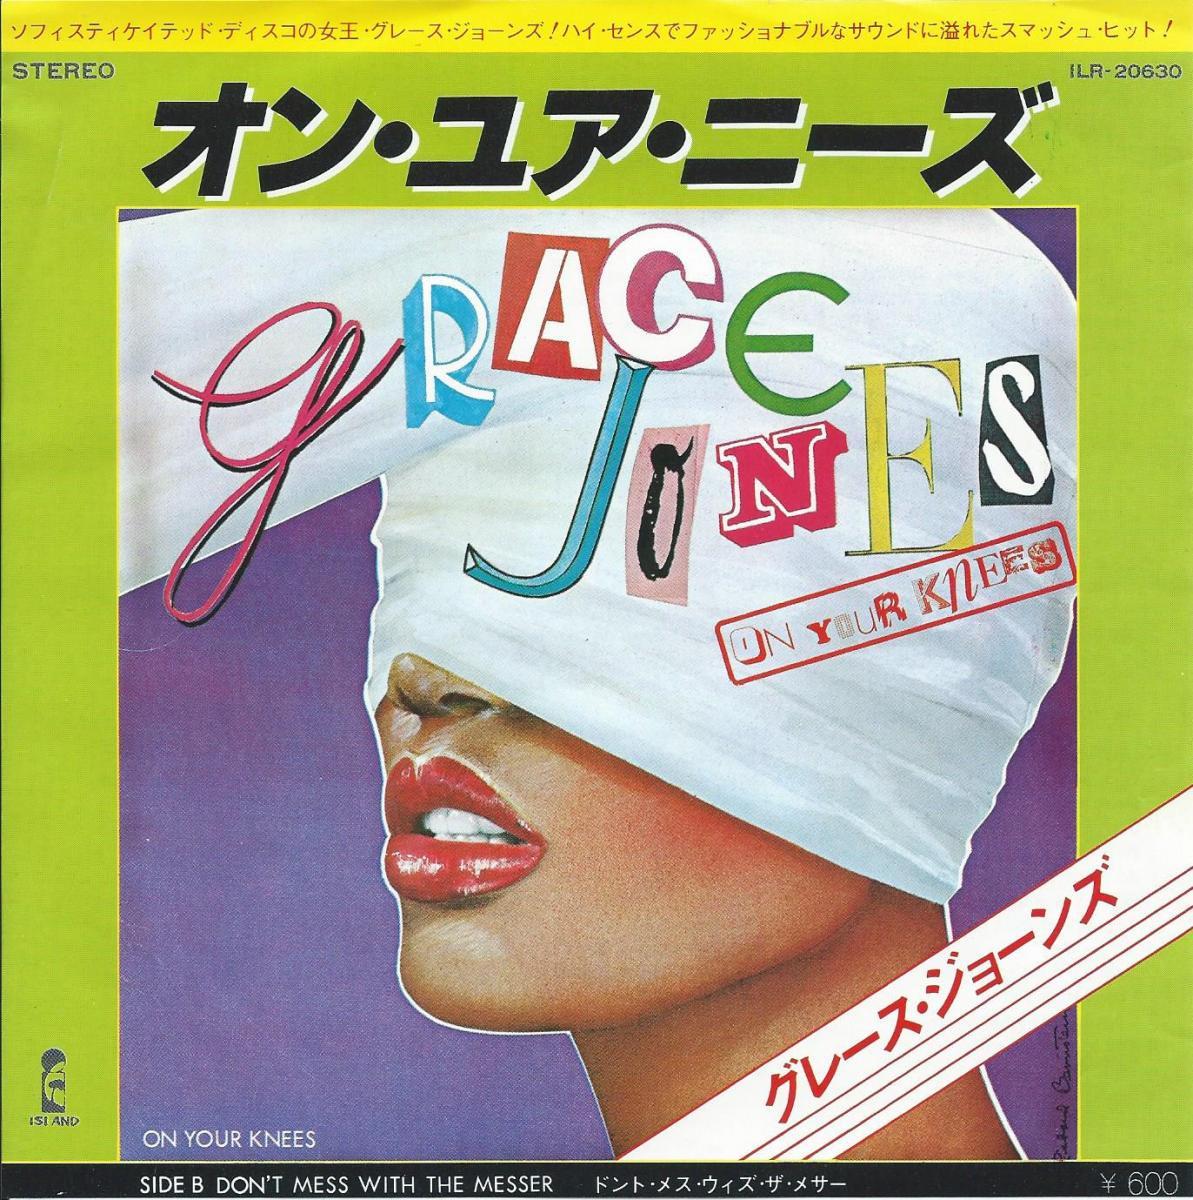 グレイス・ジョーンズ GRACE JONES / オン・ユア・ニーズ ON YOUR KNEES (7